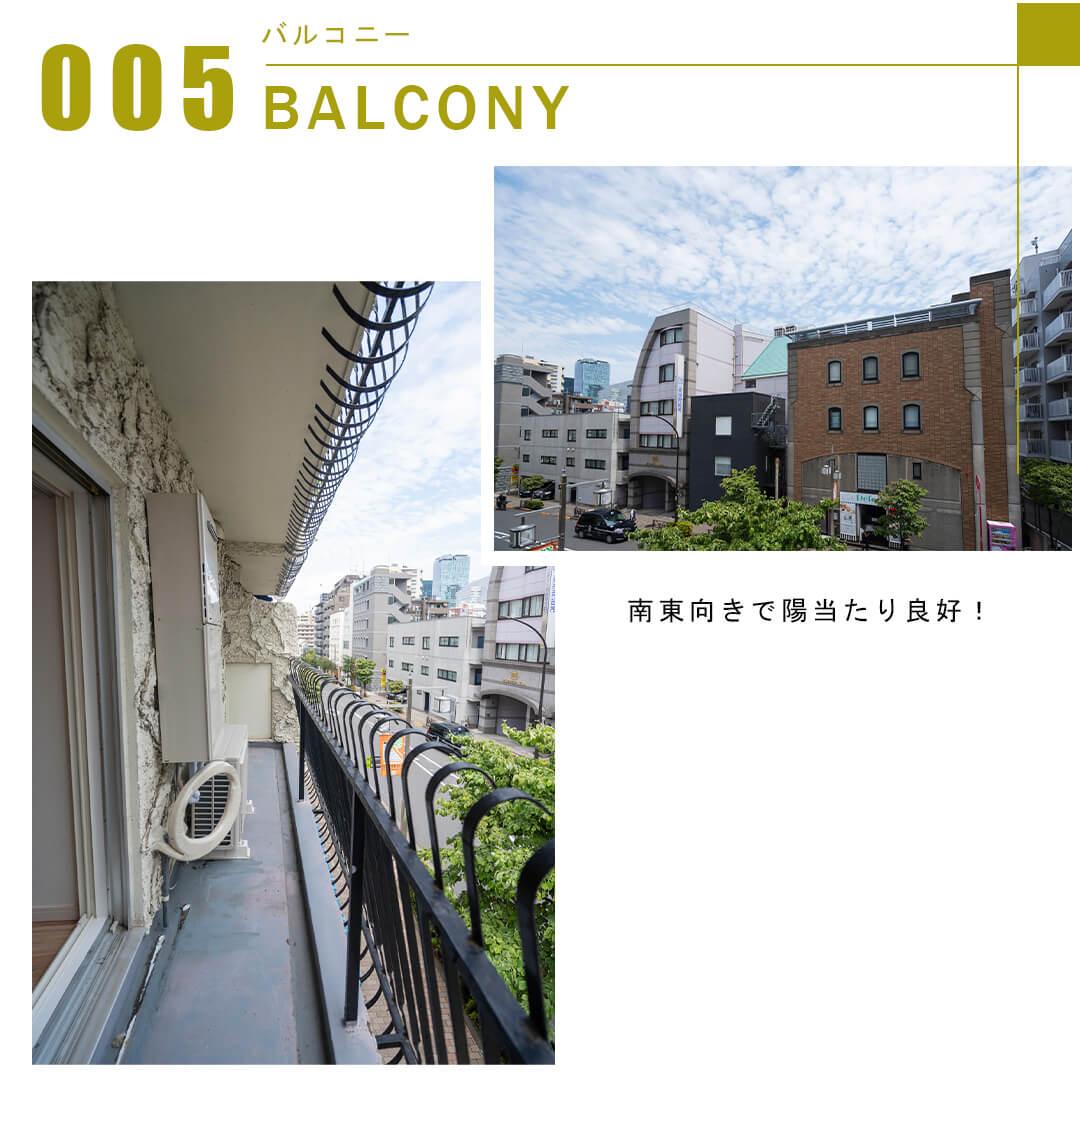 005バルコニー,BALCONY